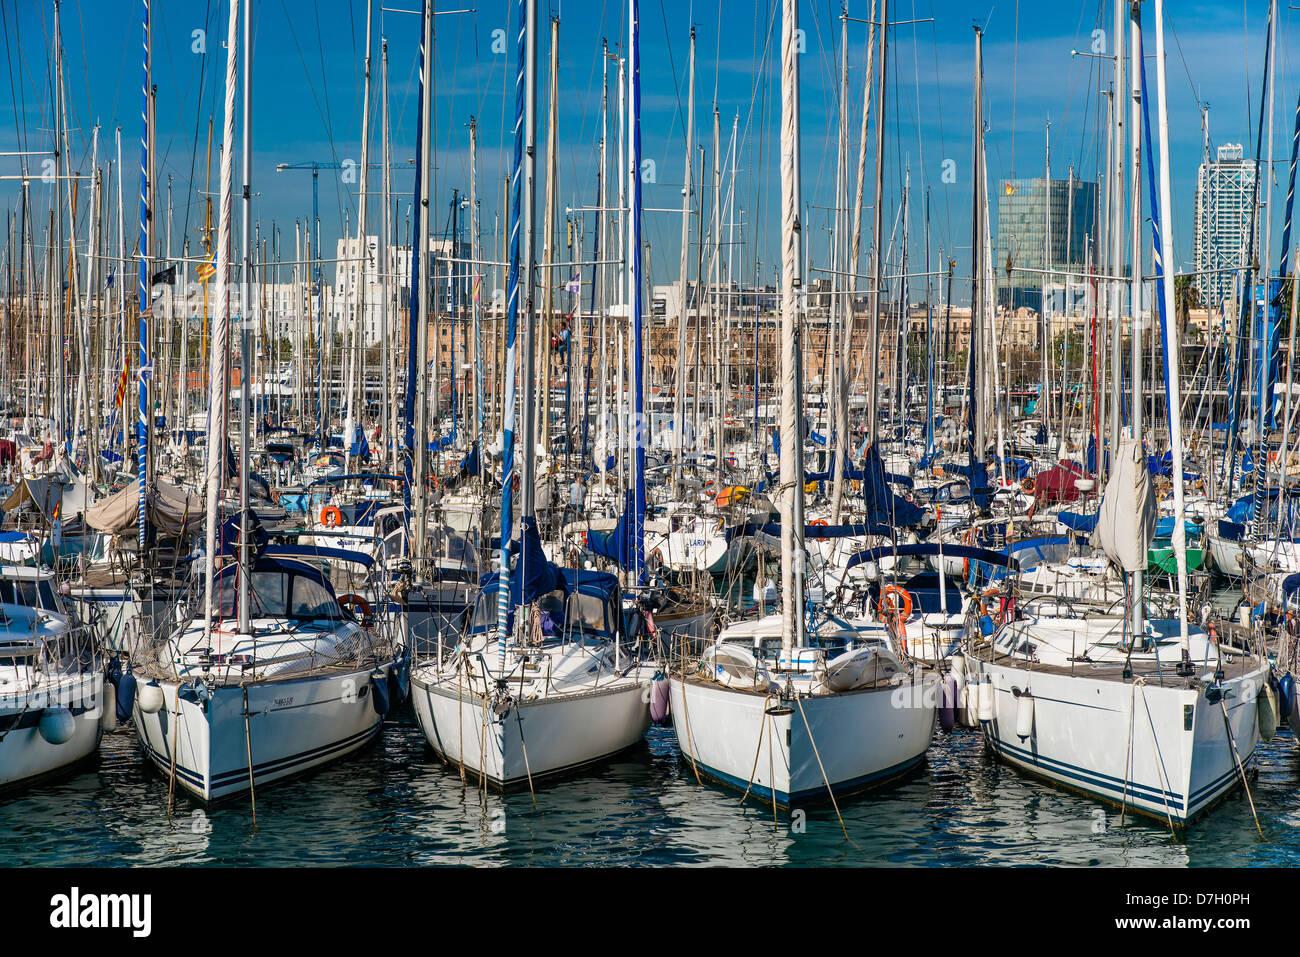 Boats at Port Vell, Barceloneta, Barcelona, Catalonia, Spain - Stock Image